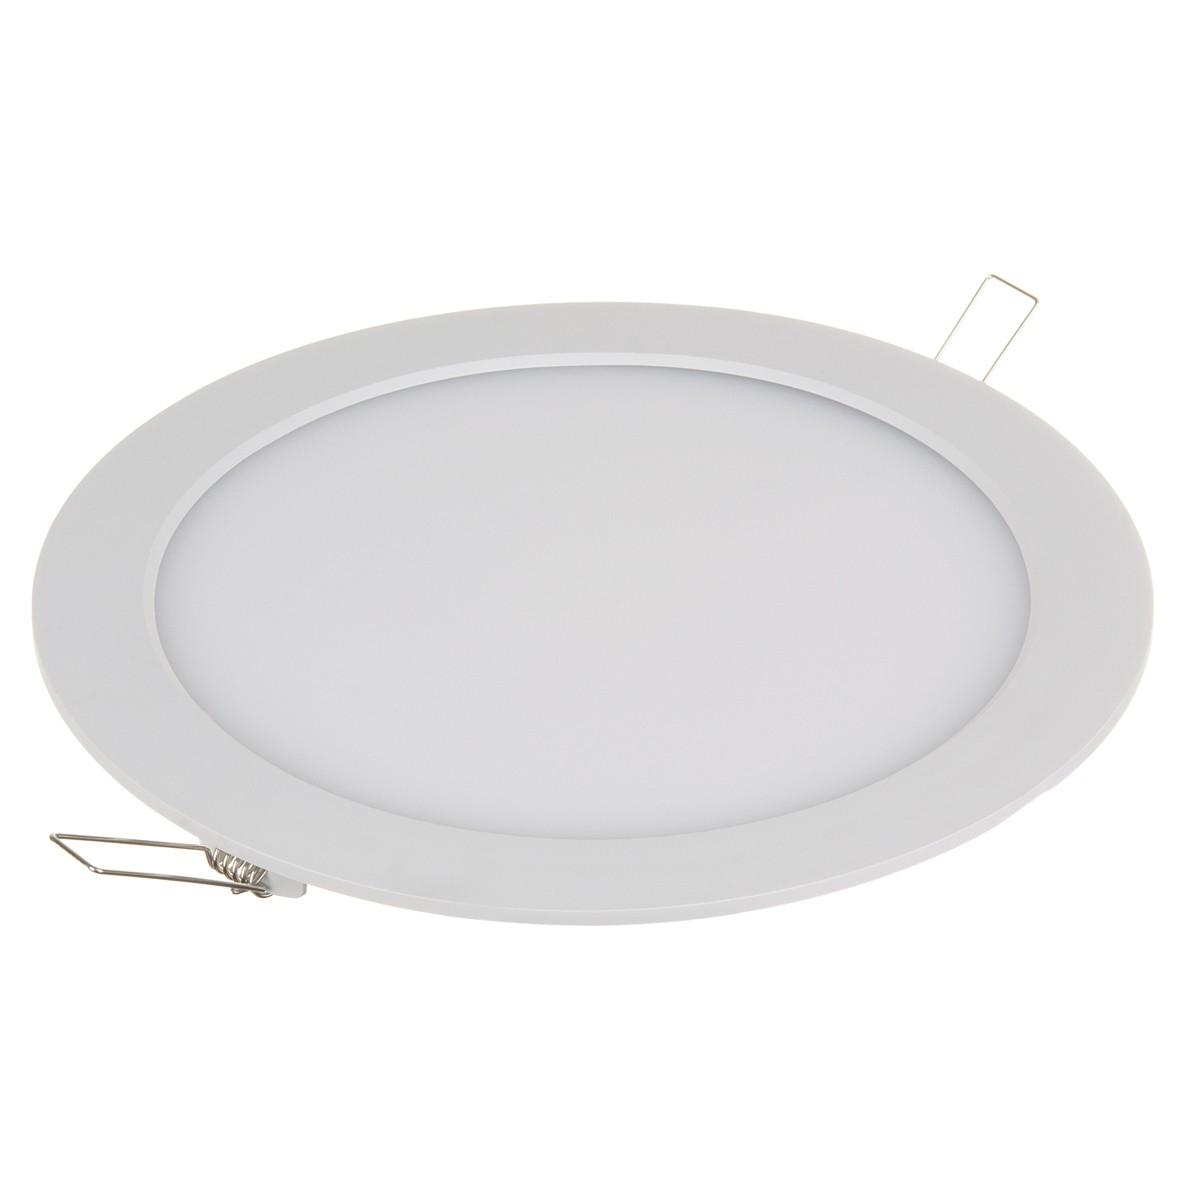 Дополнительное фото 1 товара Встраиваемый светильник Downlight a034916